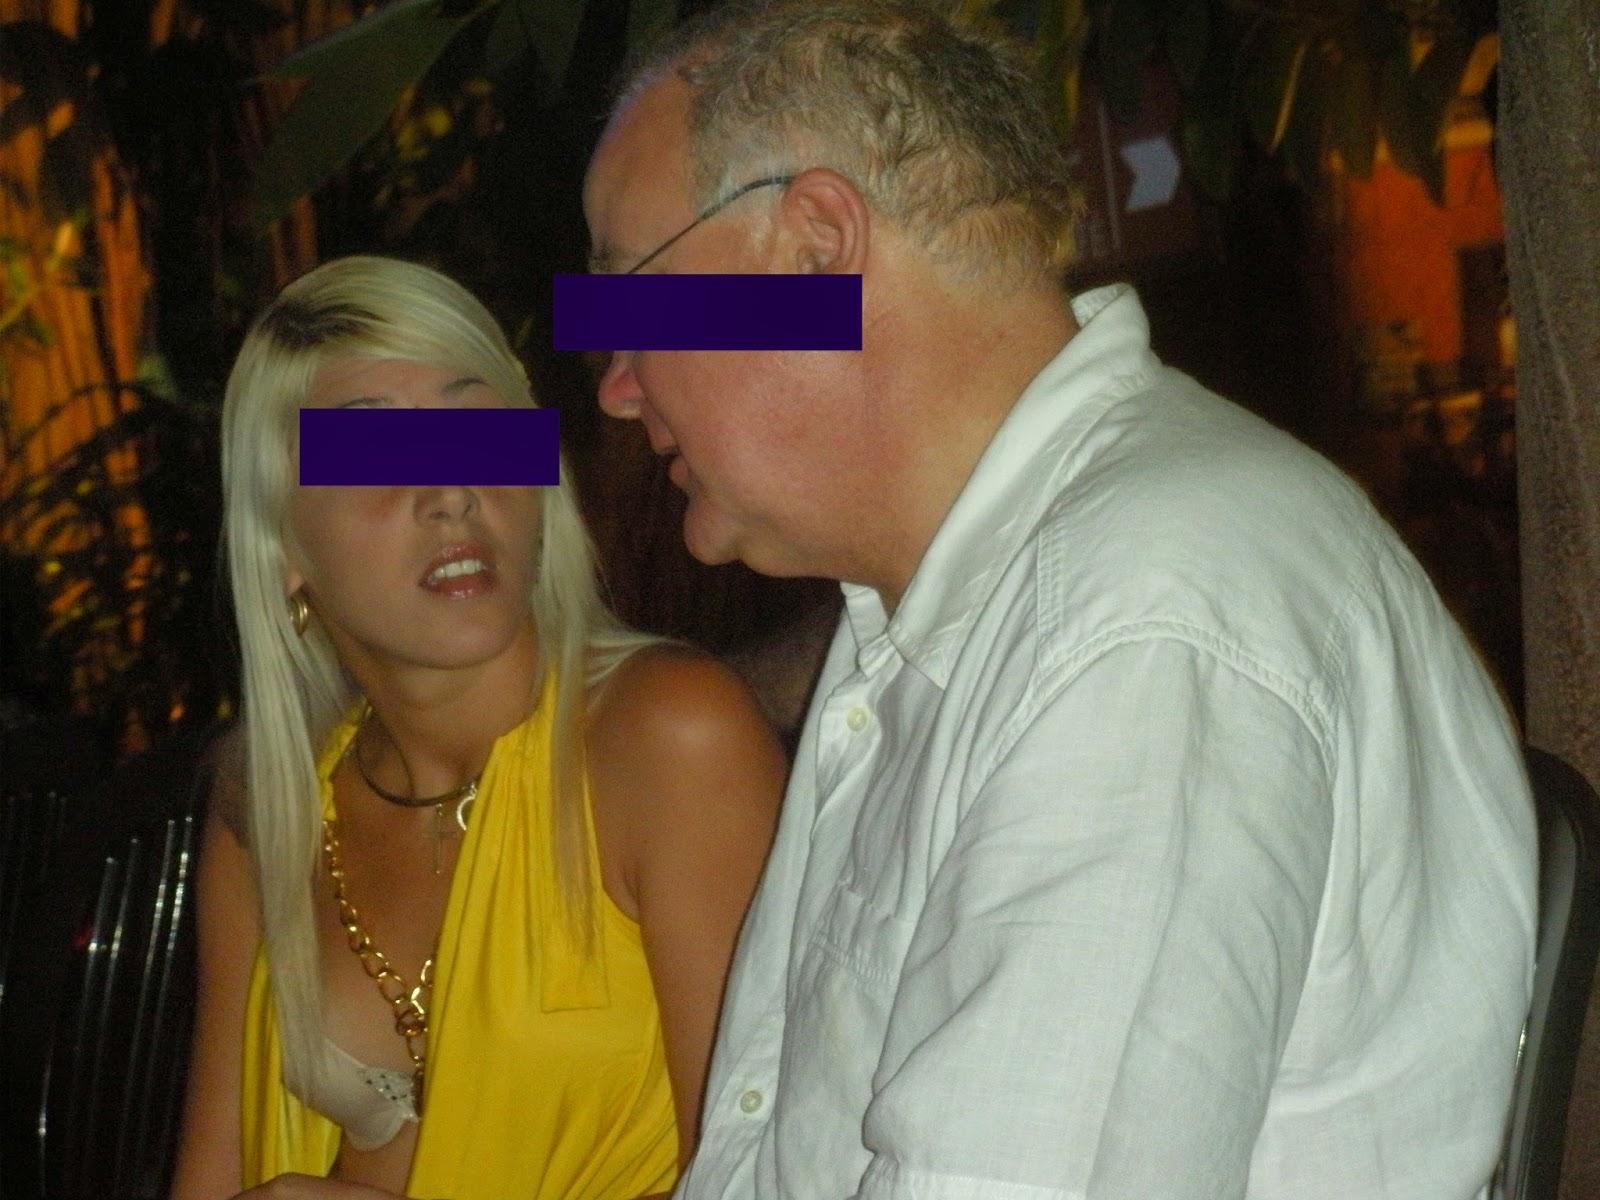 prostitution in cuba Publicación norteamericana con corresponsalía permanente en la habana su objetivo es ser puente de comunicación entre cuba y estados unidos.